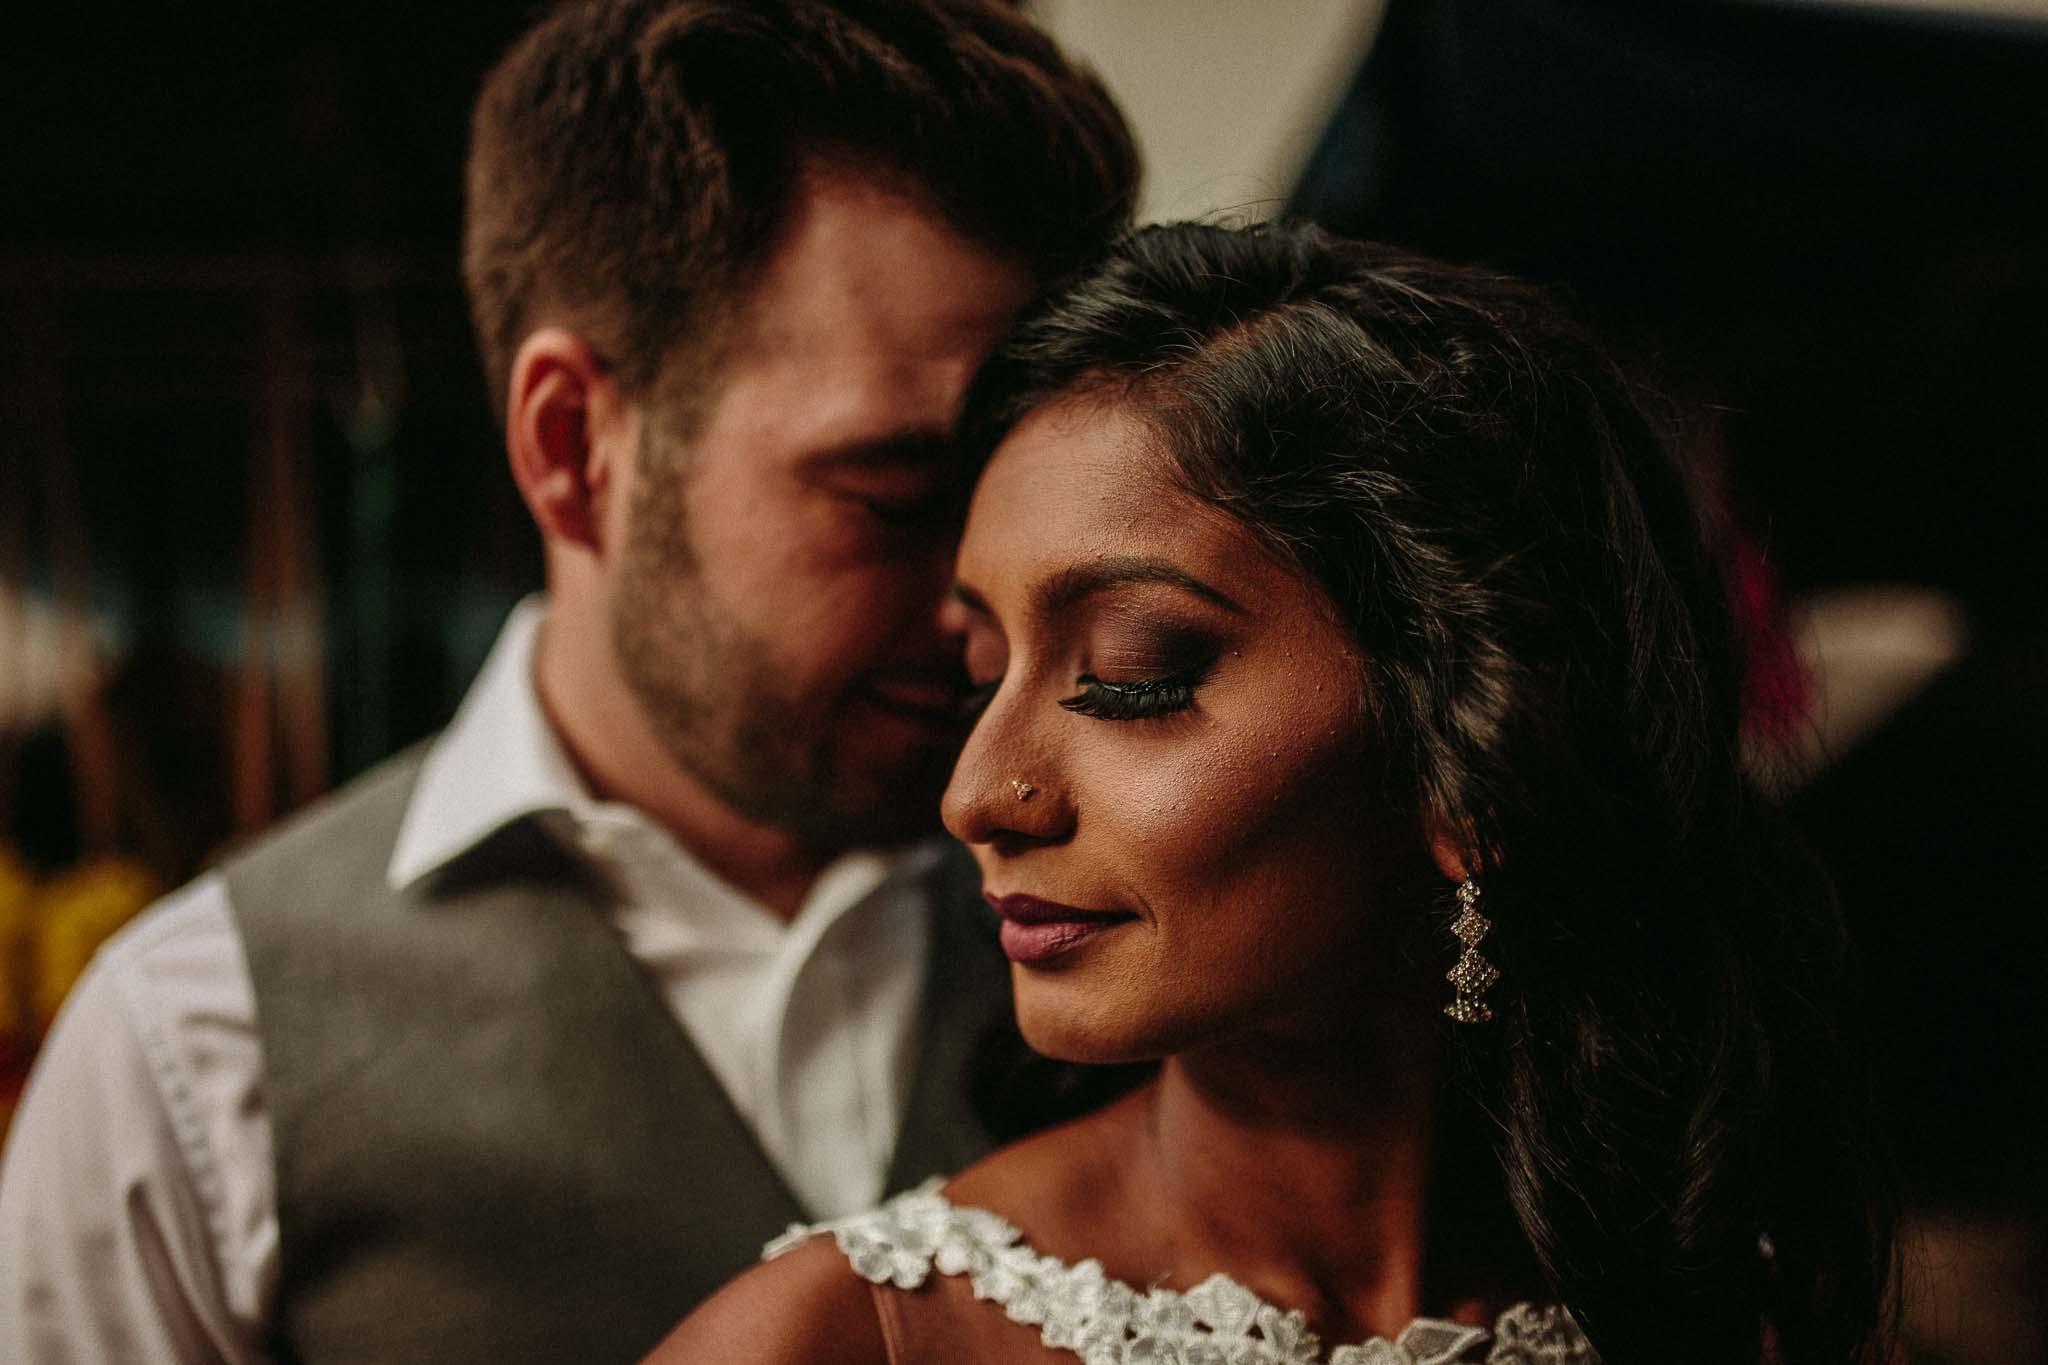 u&m-weddingsbyqay-lovesession-destinationweddingphotographer (78 of 160).jpg